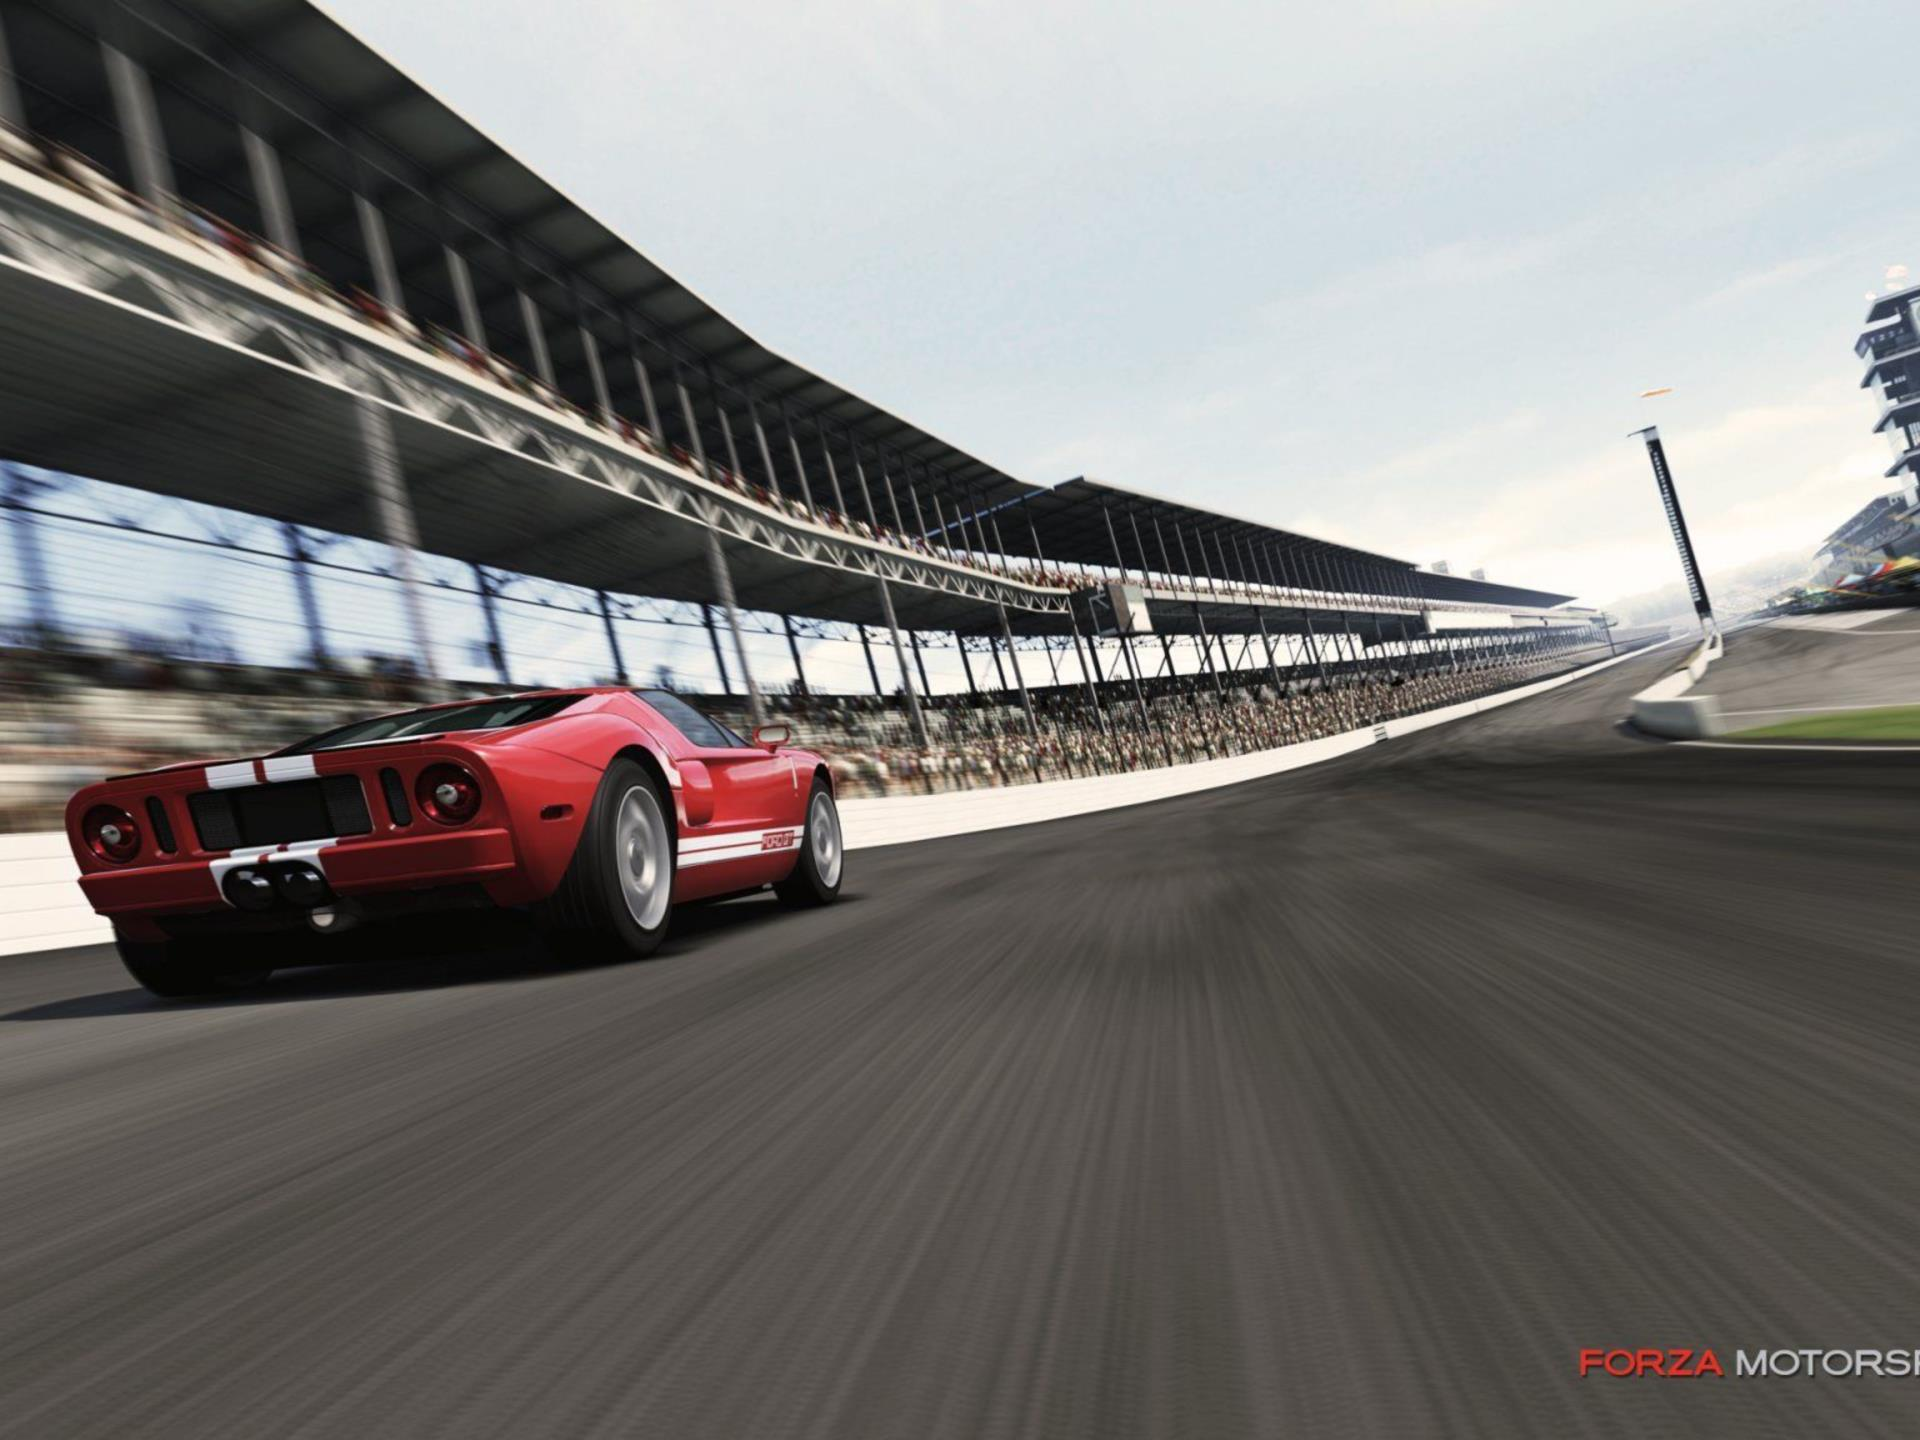 Forza 4 für XBOX 360 schlägt sogar Gran Turismo für die PS3